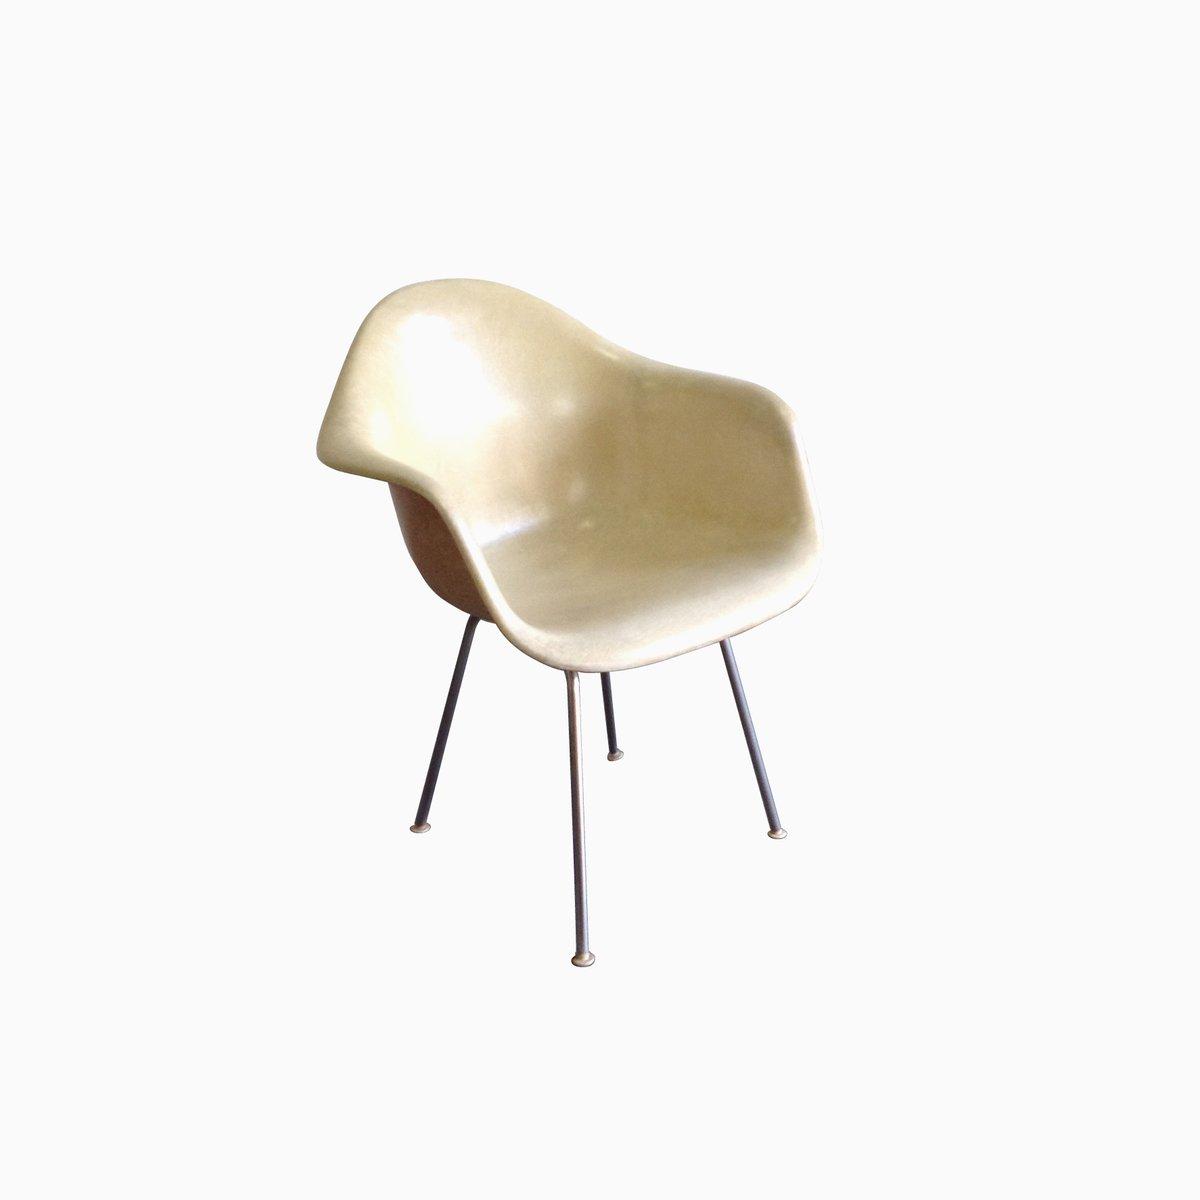 Chaise vintage par charles eames en vente sur pamono for Soldes eames